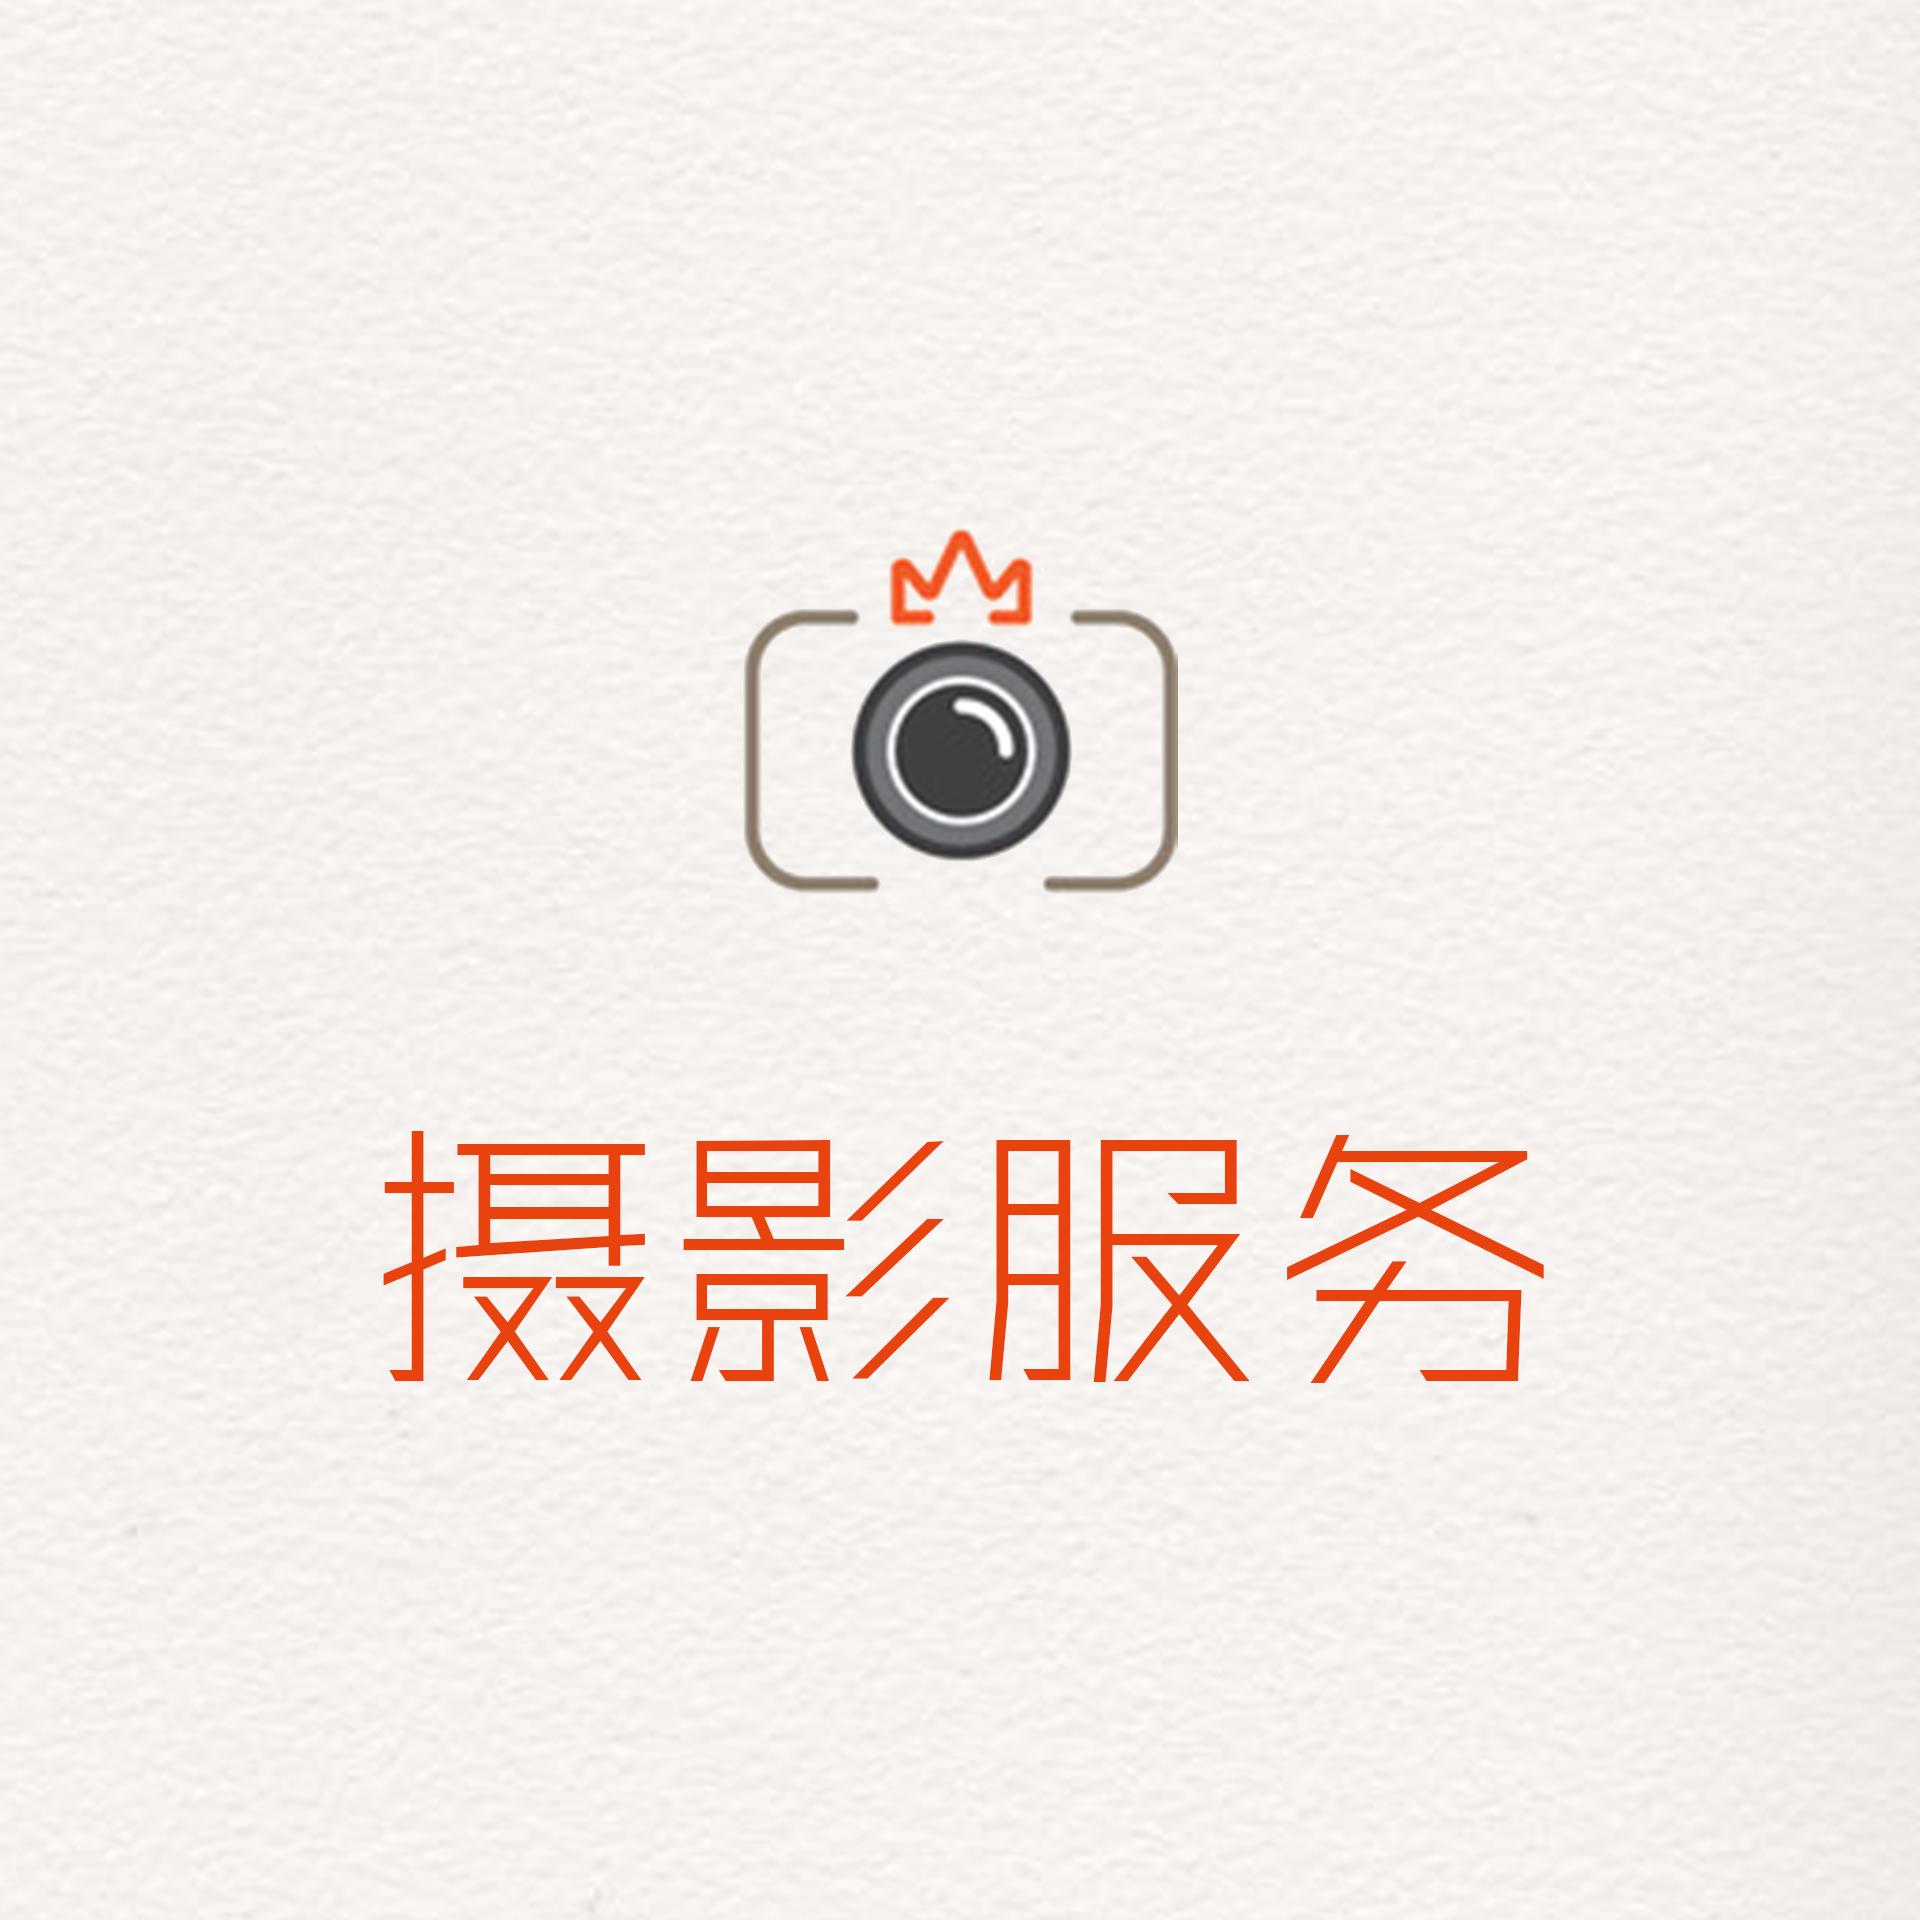 摄影便民服务